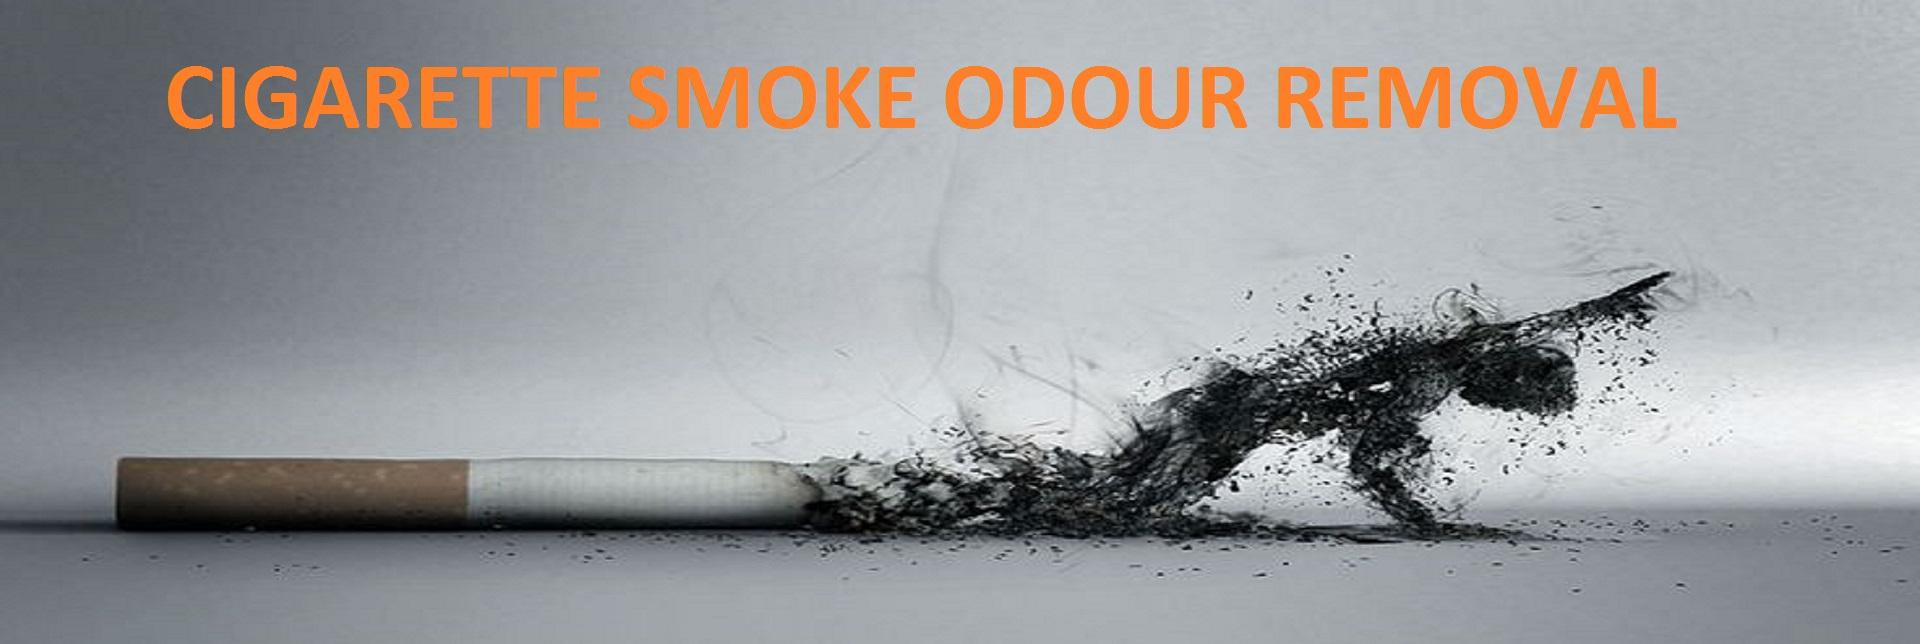 Cigarette Odour Removal Ottawa